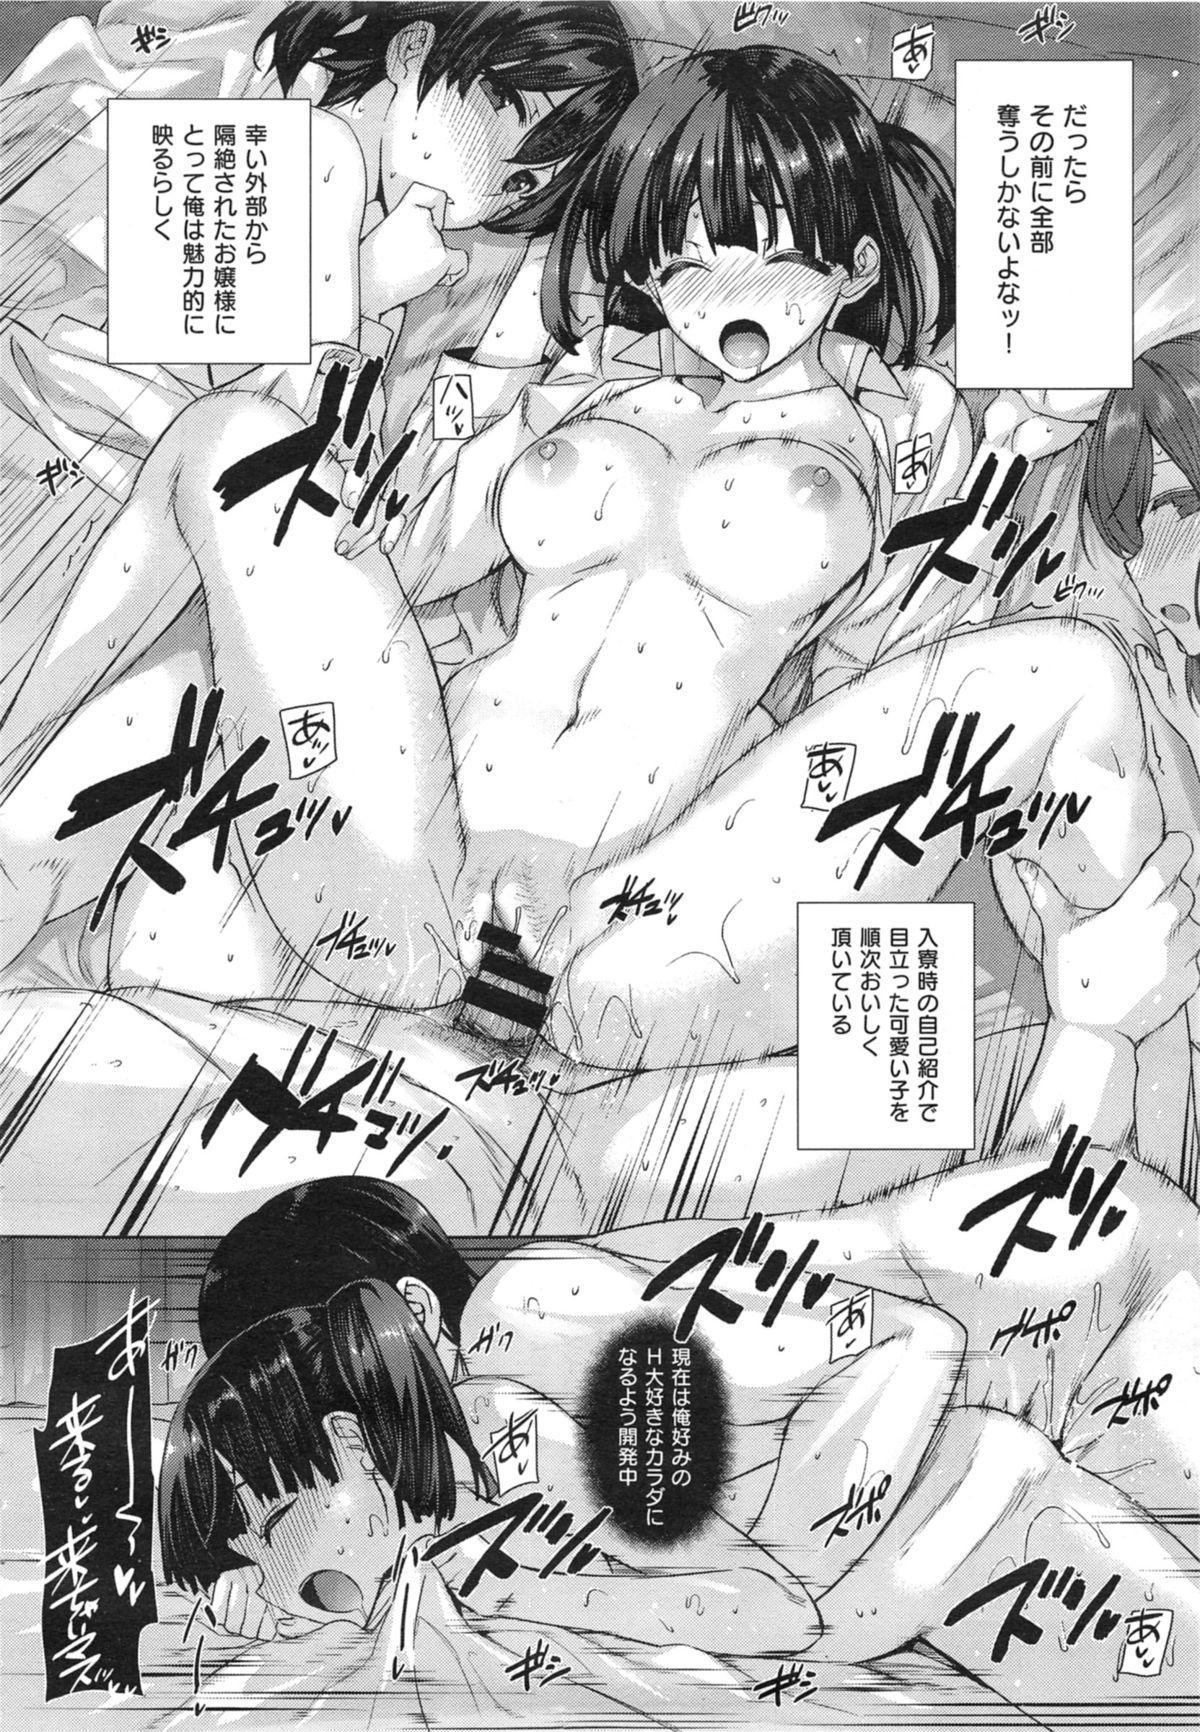 shiramine hibiki no ryoukannisshi 1